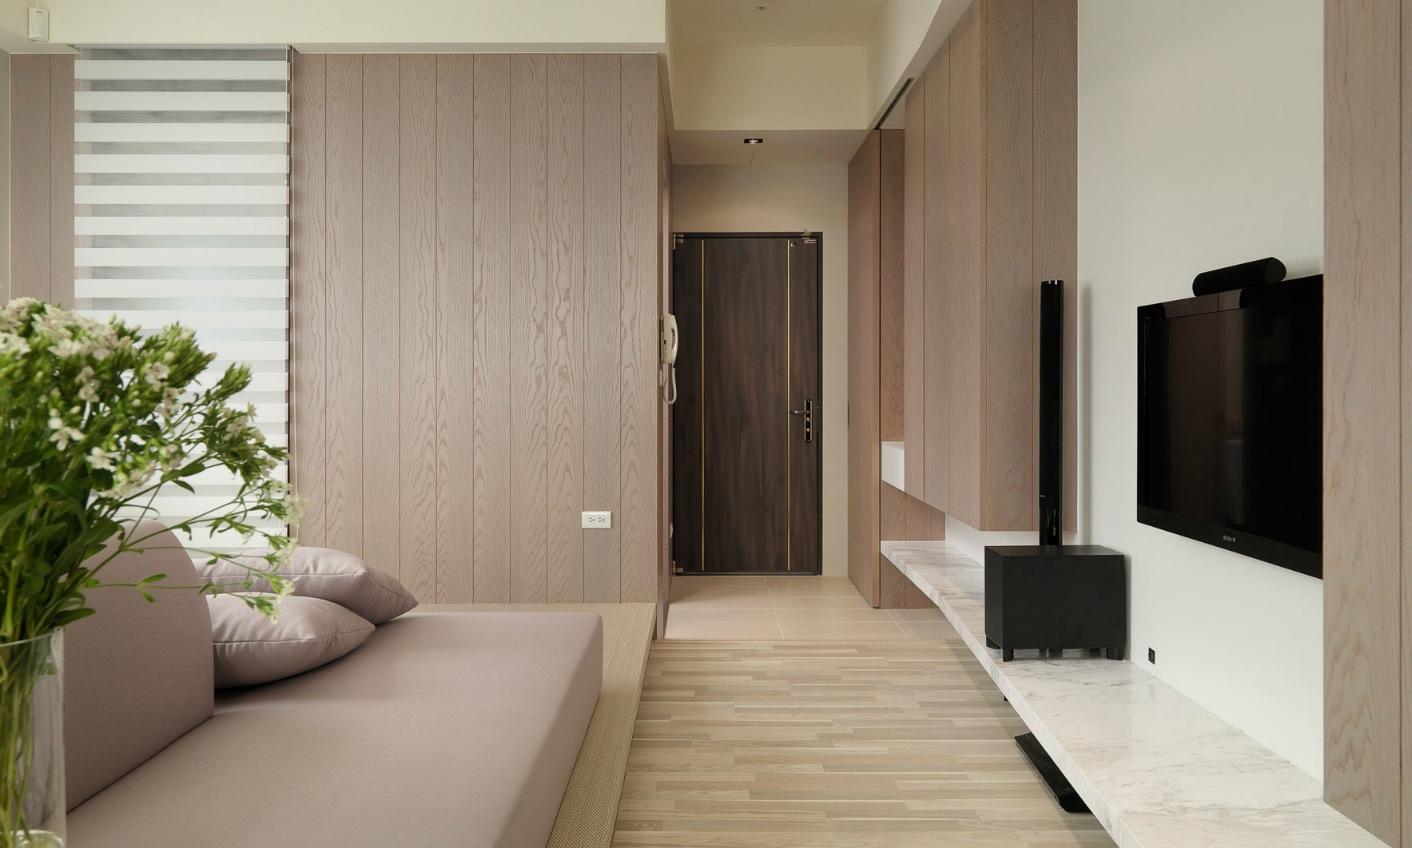 лучший цвет дверей для однокомнатной квартиры фото сказал